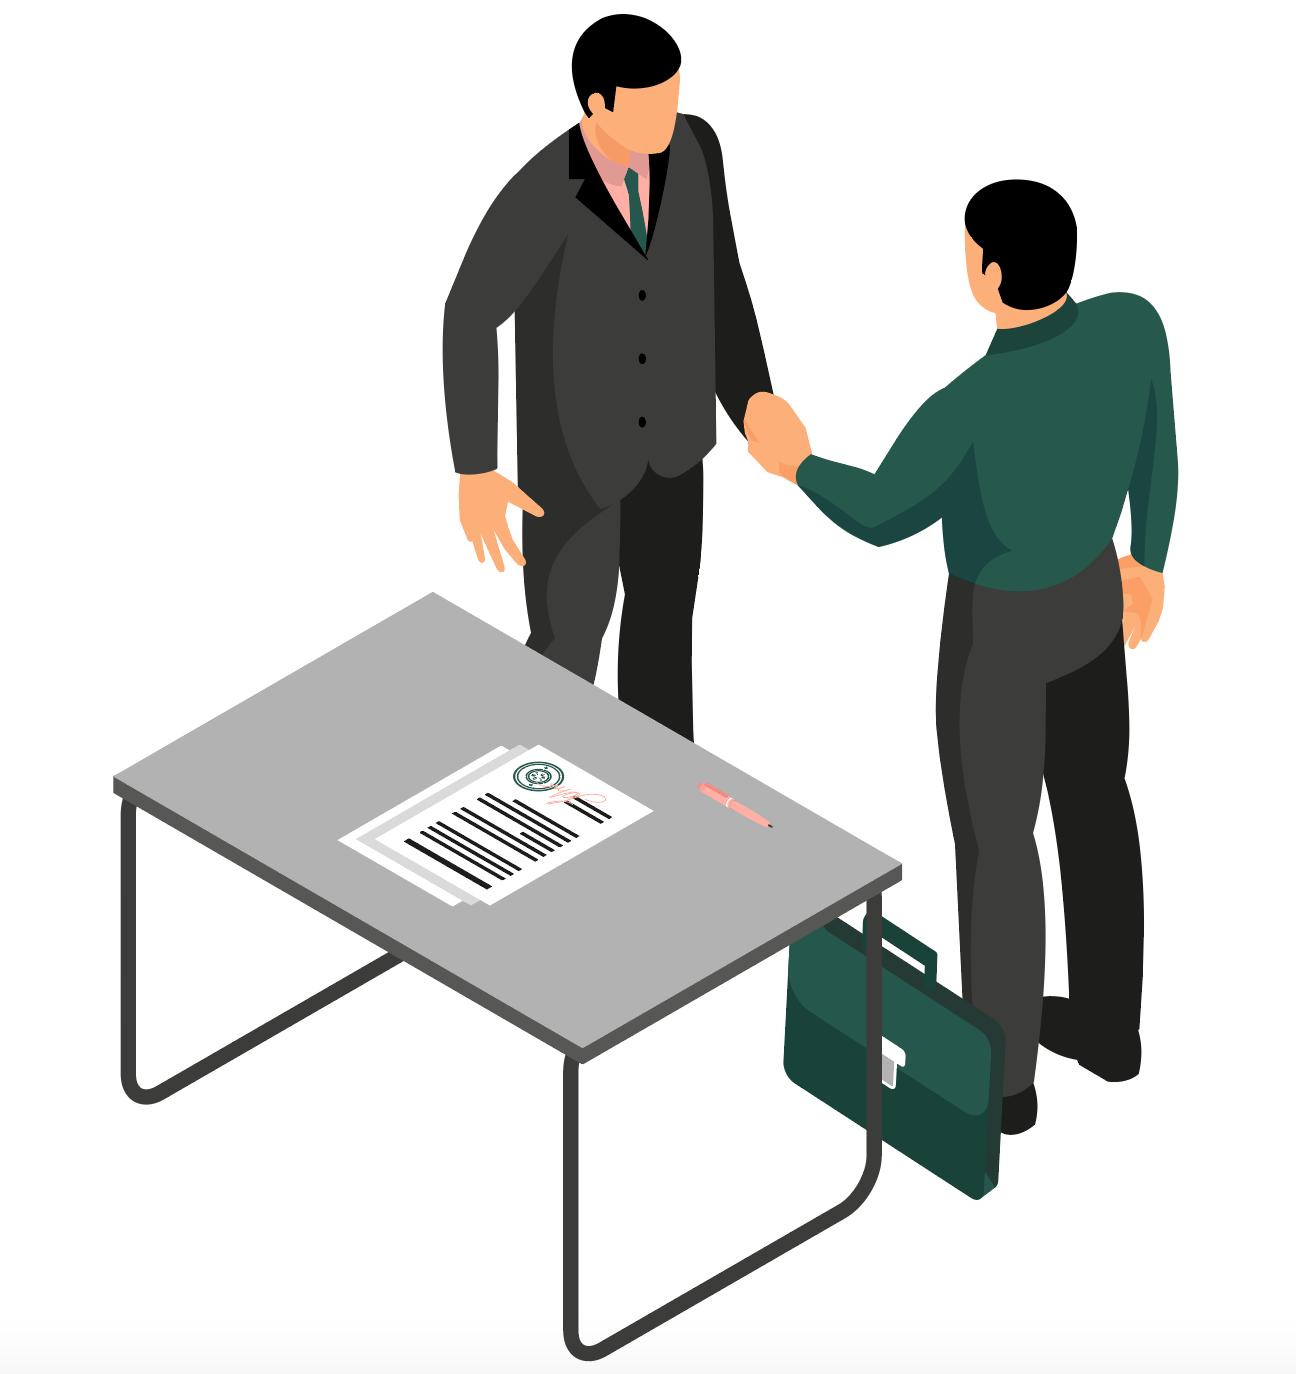 Illustration de deux personnages se serrant la main après avoir signé un contrat